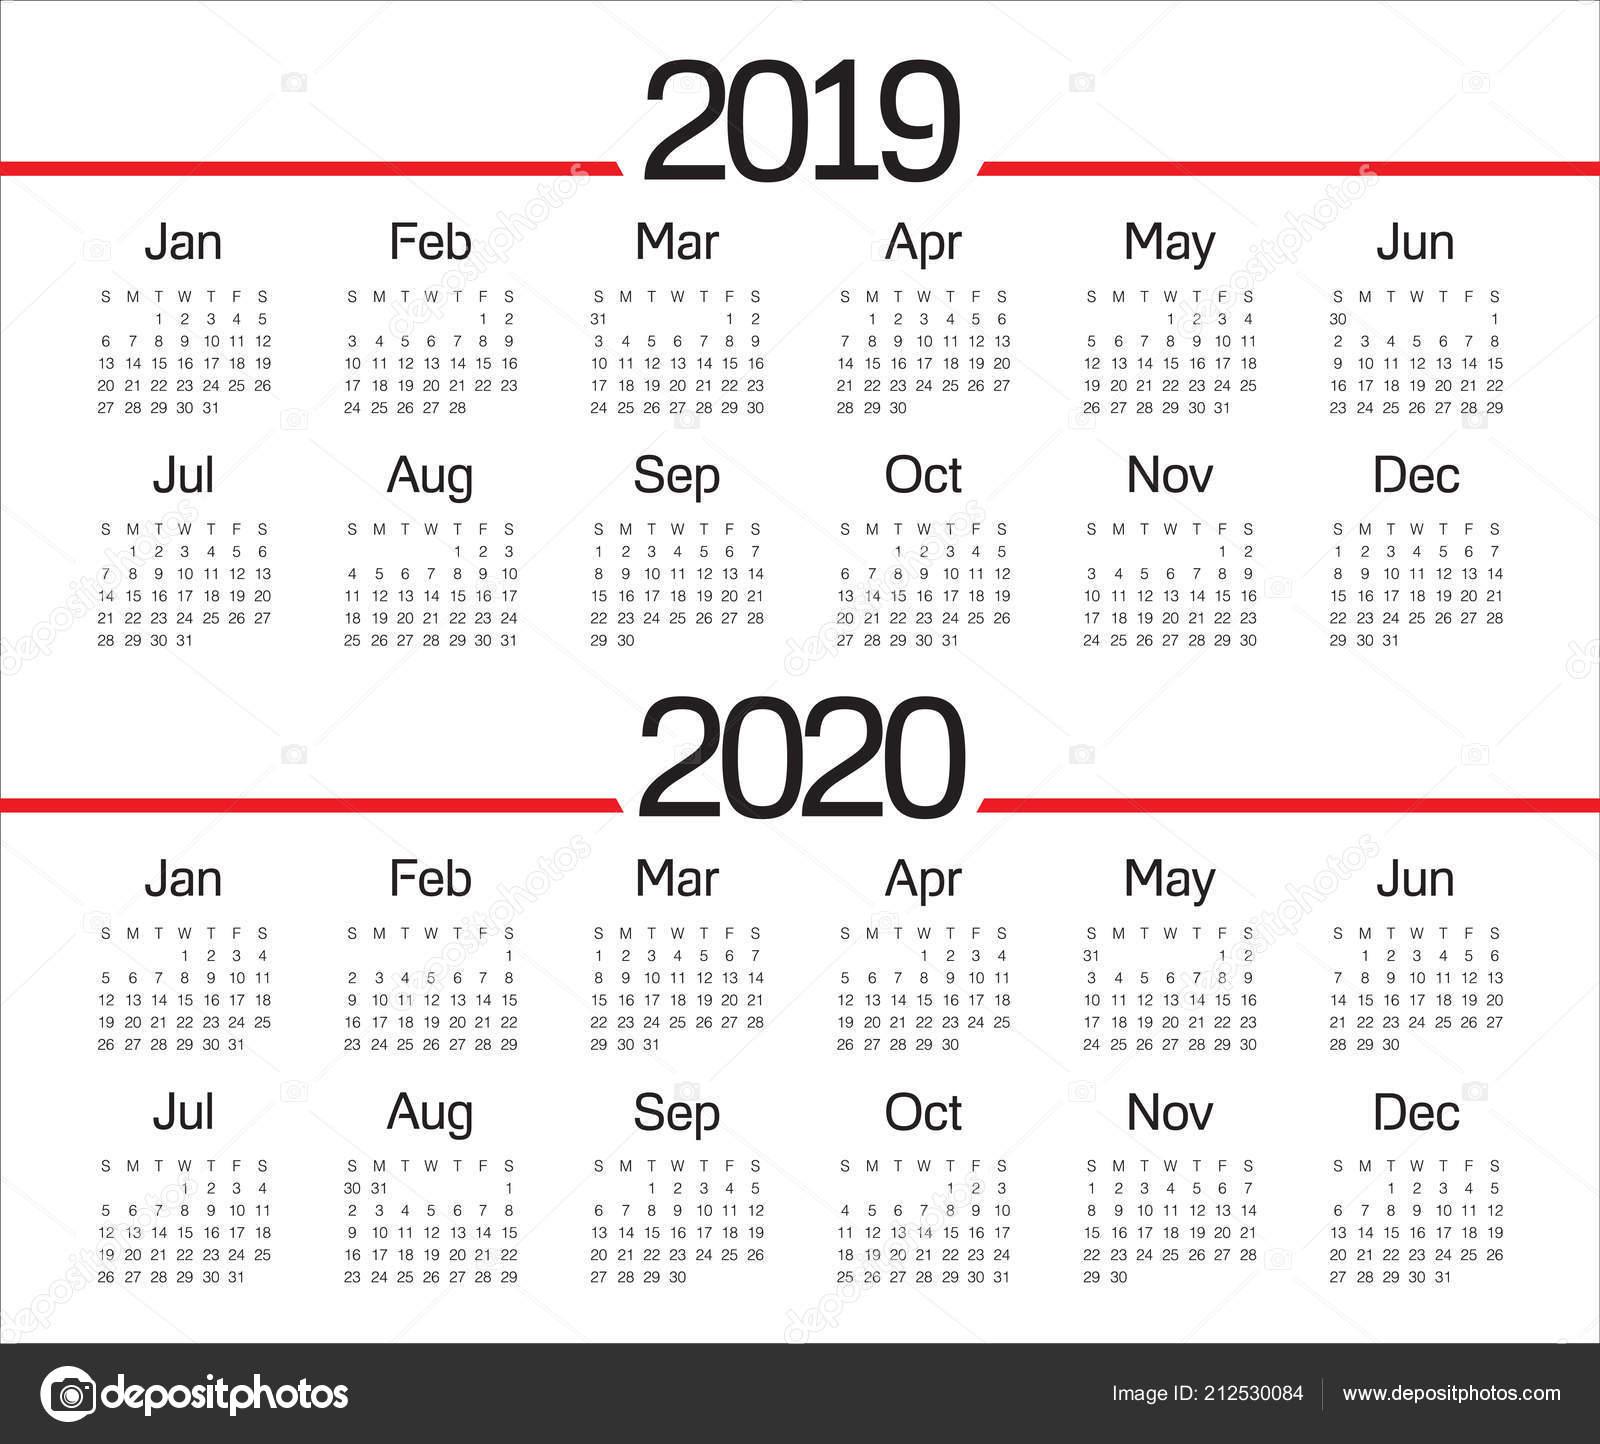 Calendario 2020 Vector Gratis En Espanol.Year 2019 2020 Calendar Vector Design Template Simple Clean